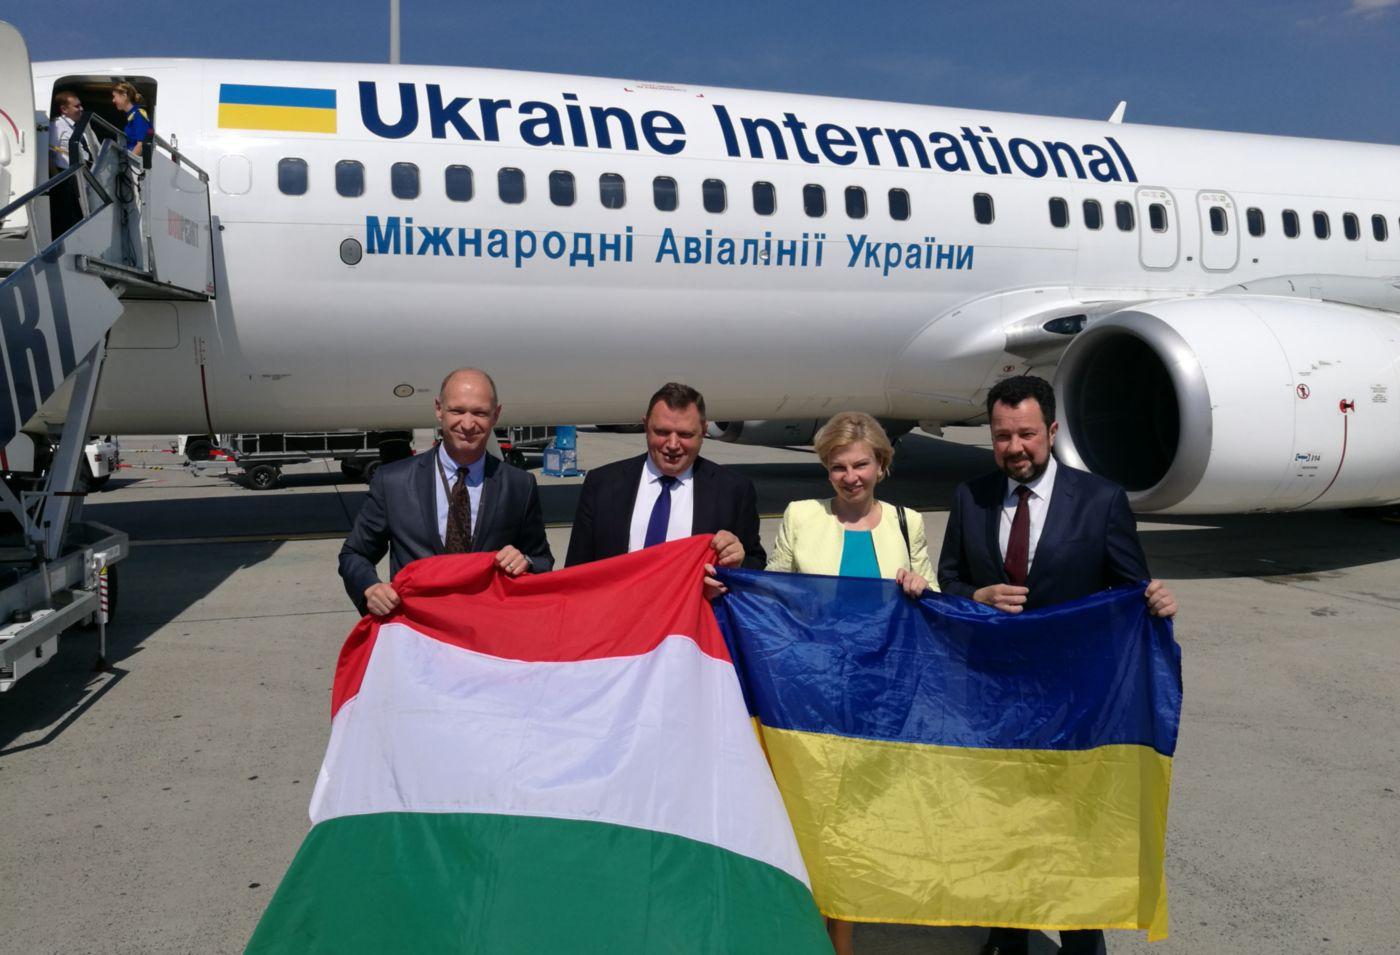 Megérkezett Budapestre az Ukraine első járata